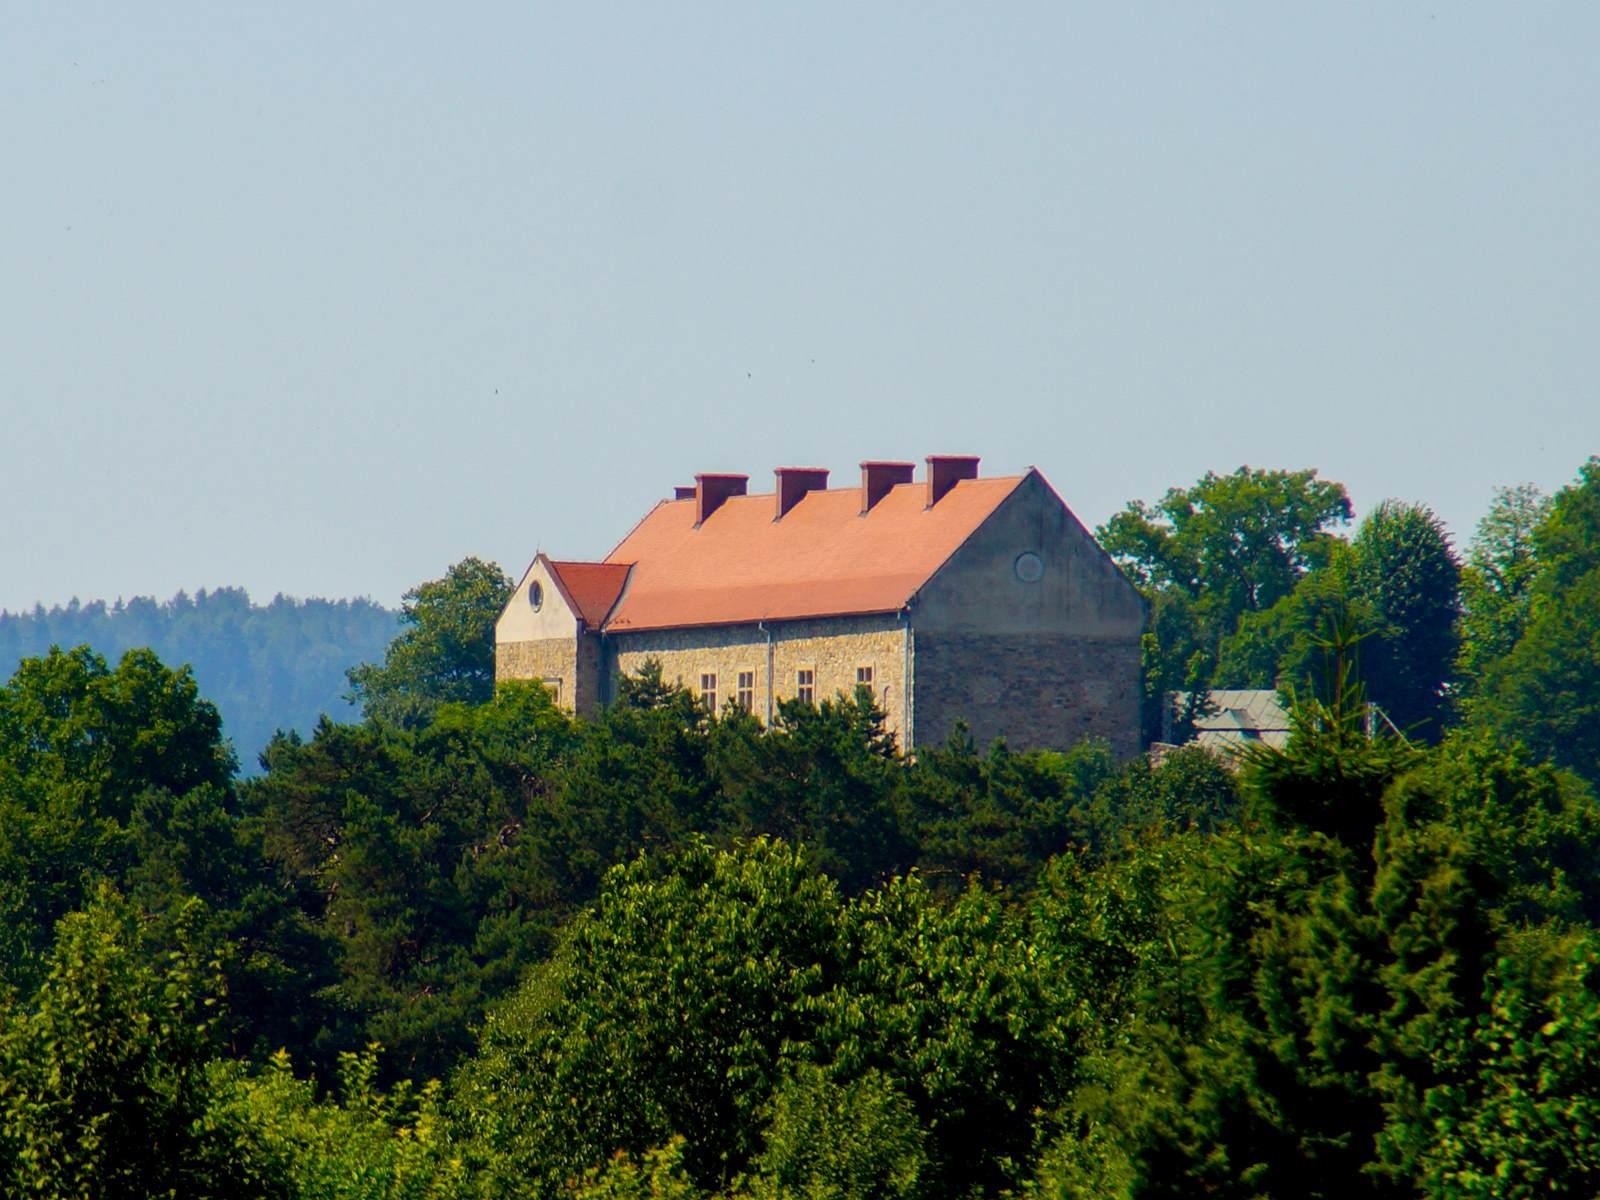 sanok zamek